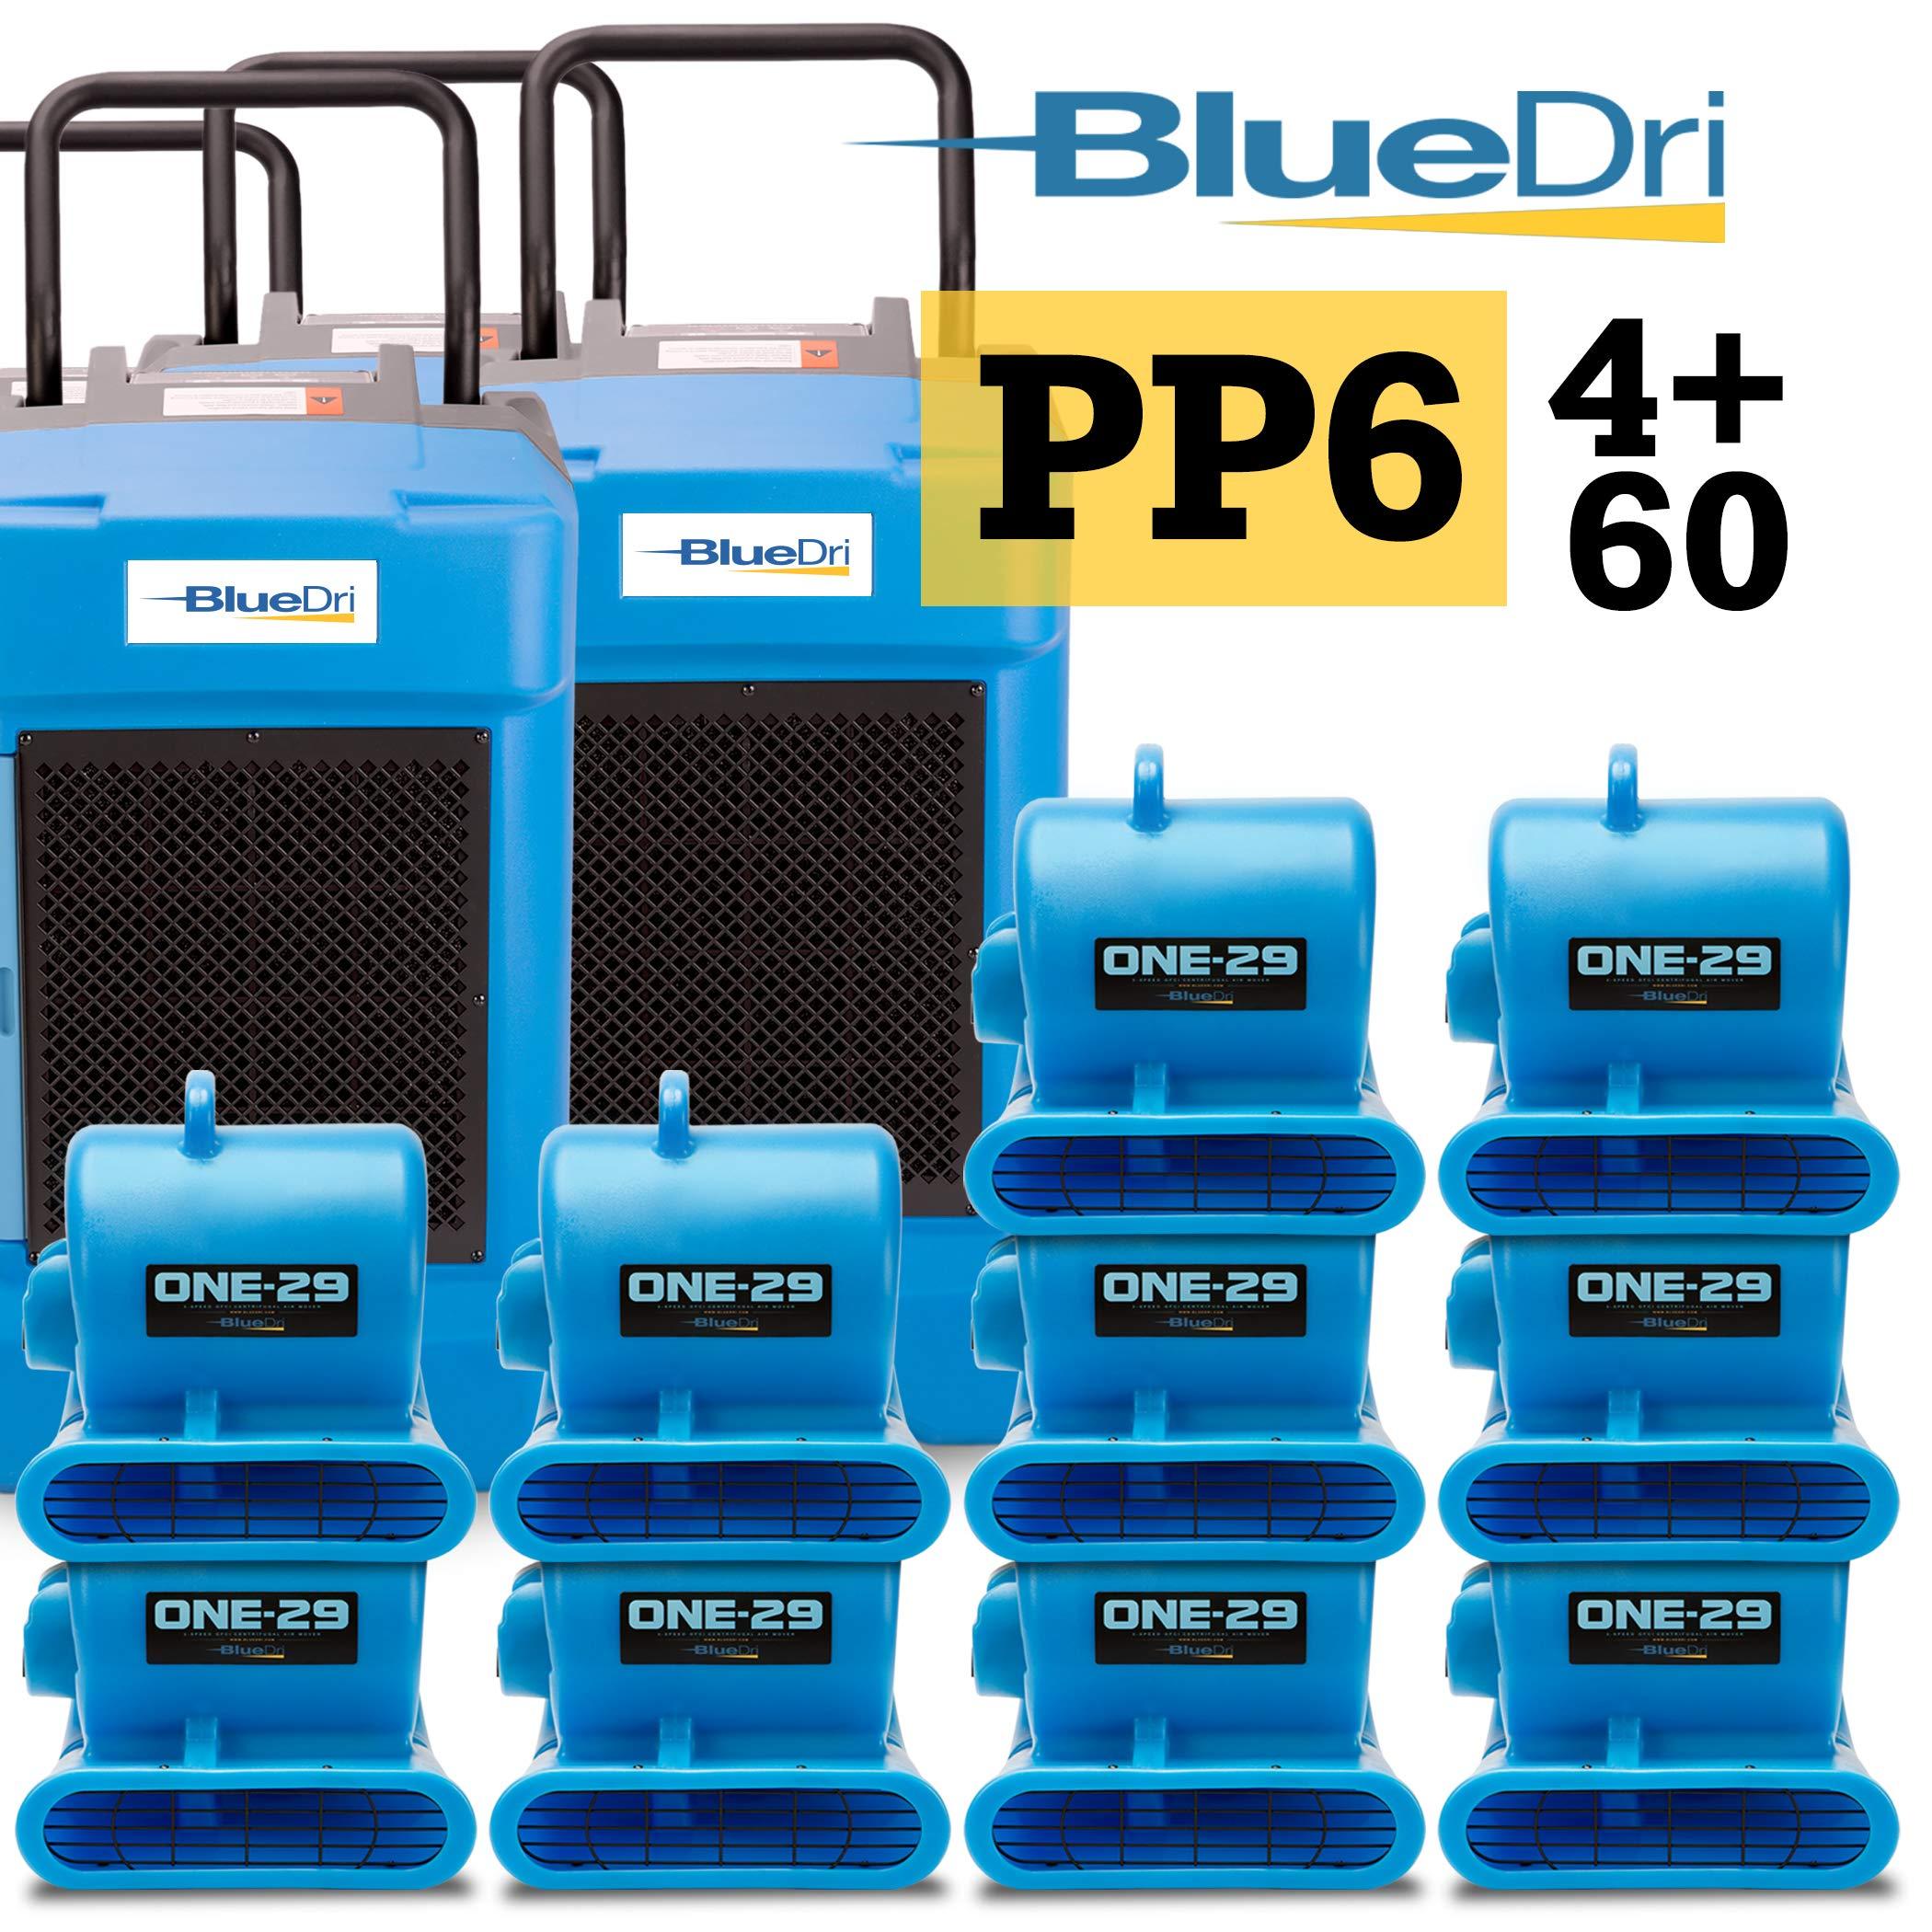 BlueDri Pro Pack 6, 4X BD-130P Dehumidifier & 60x One-29 Air Mover, Blue